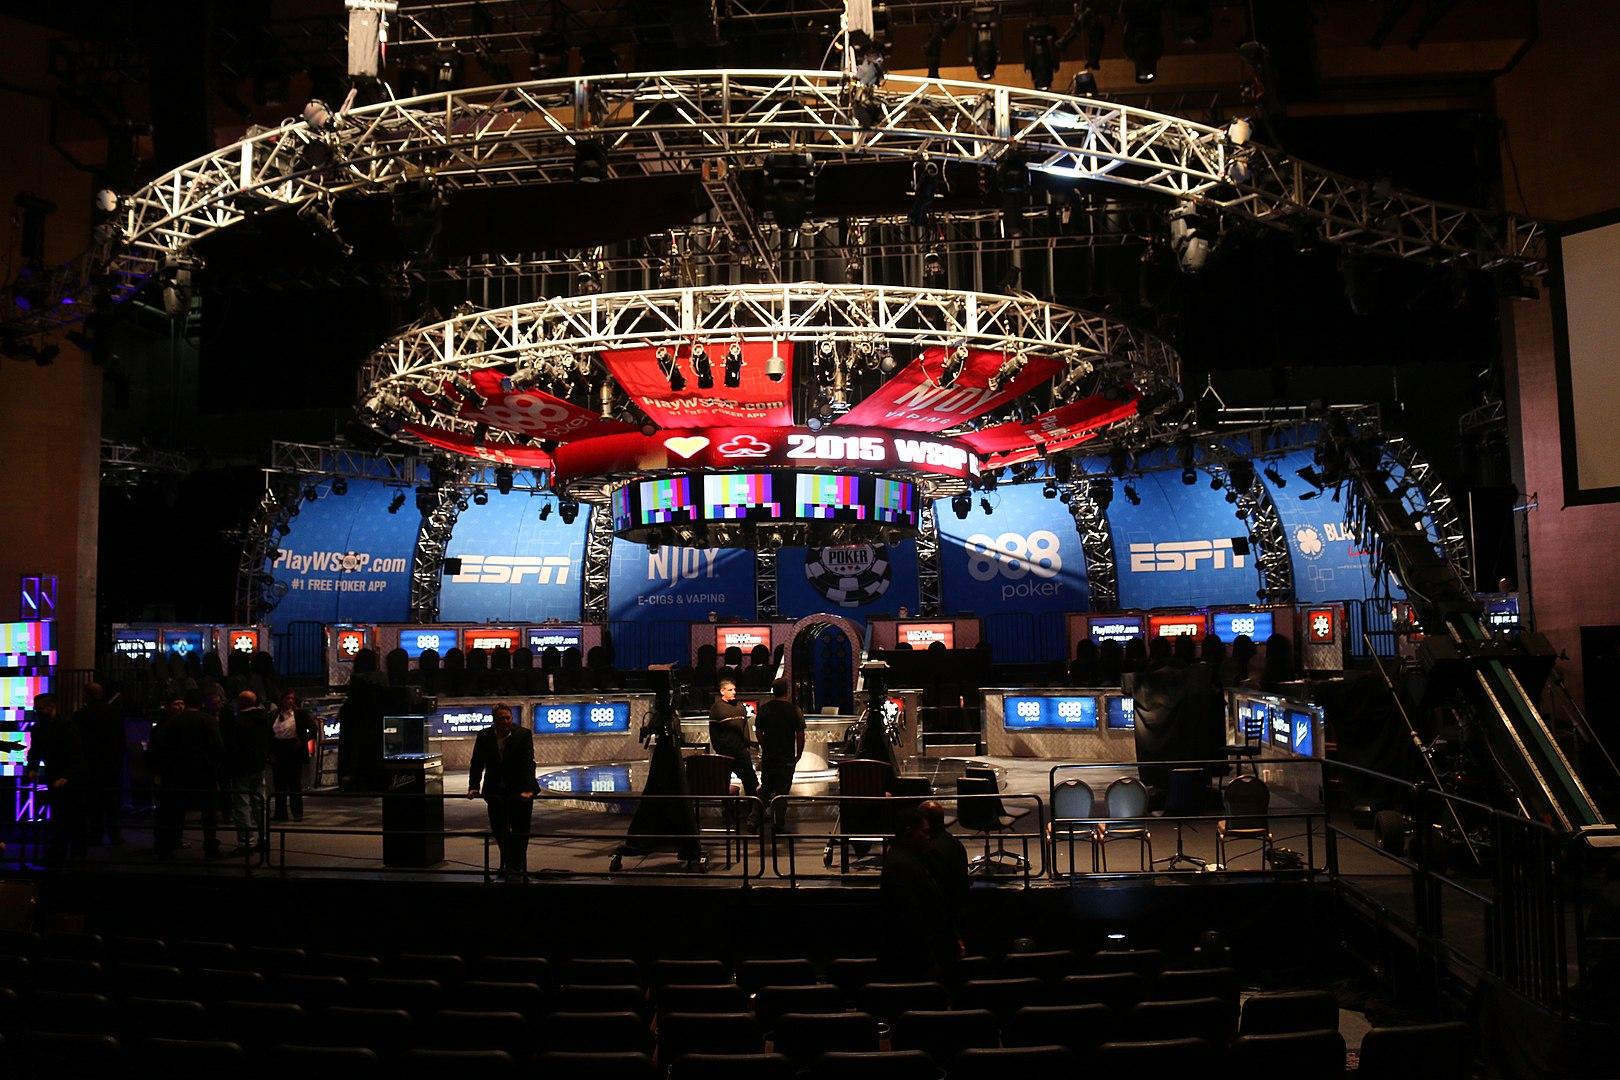 Der Finaltisch der WSOP 2015 auf einer Bühne